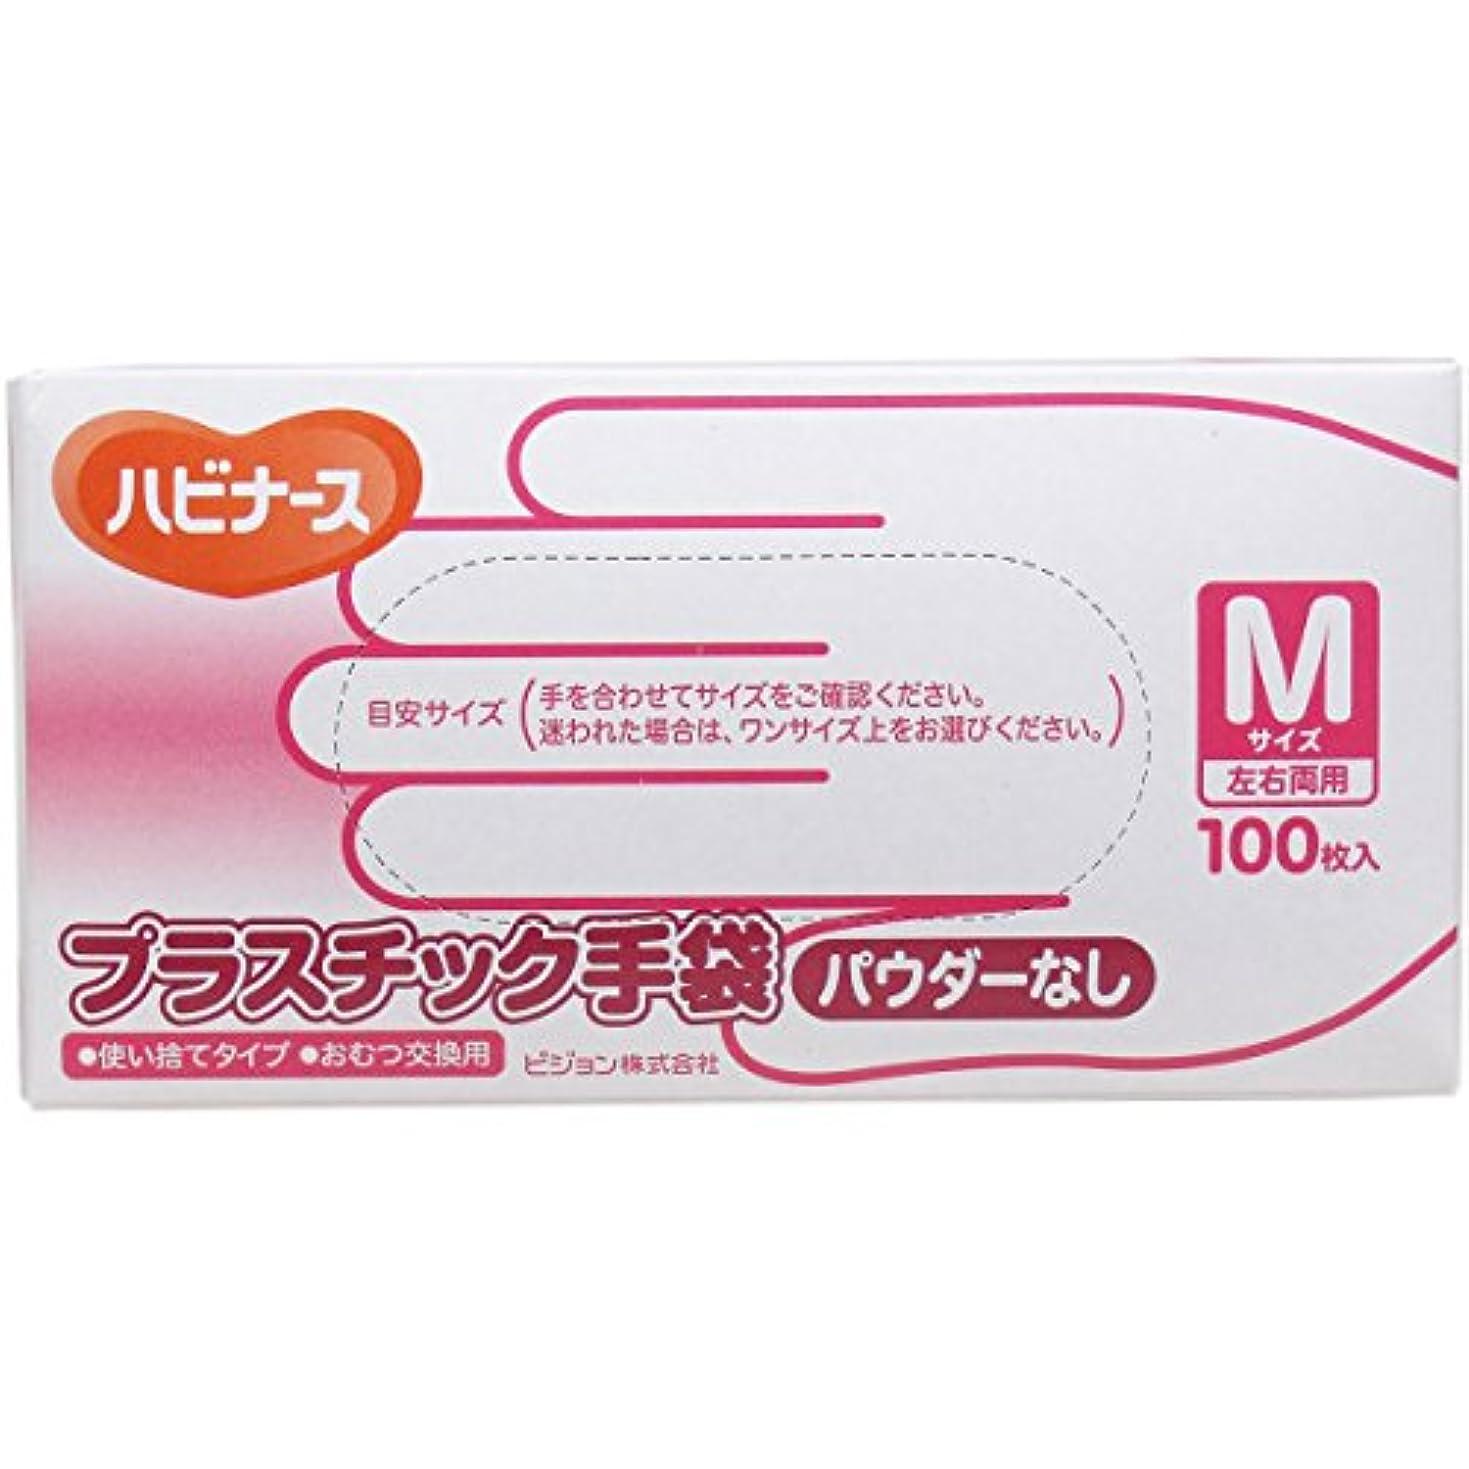 ブランドタッチレモンハビナース プラスチック手袋 パウダーなし Mサイズ 100枚入(単品)